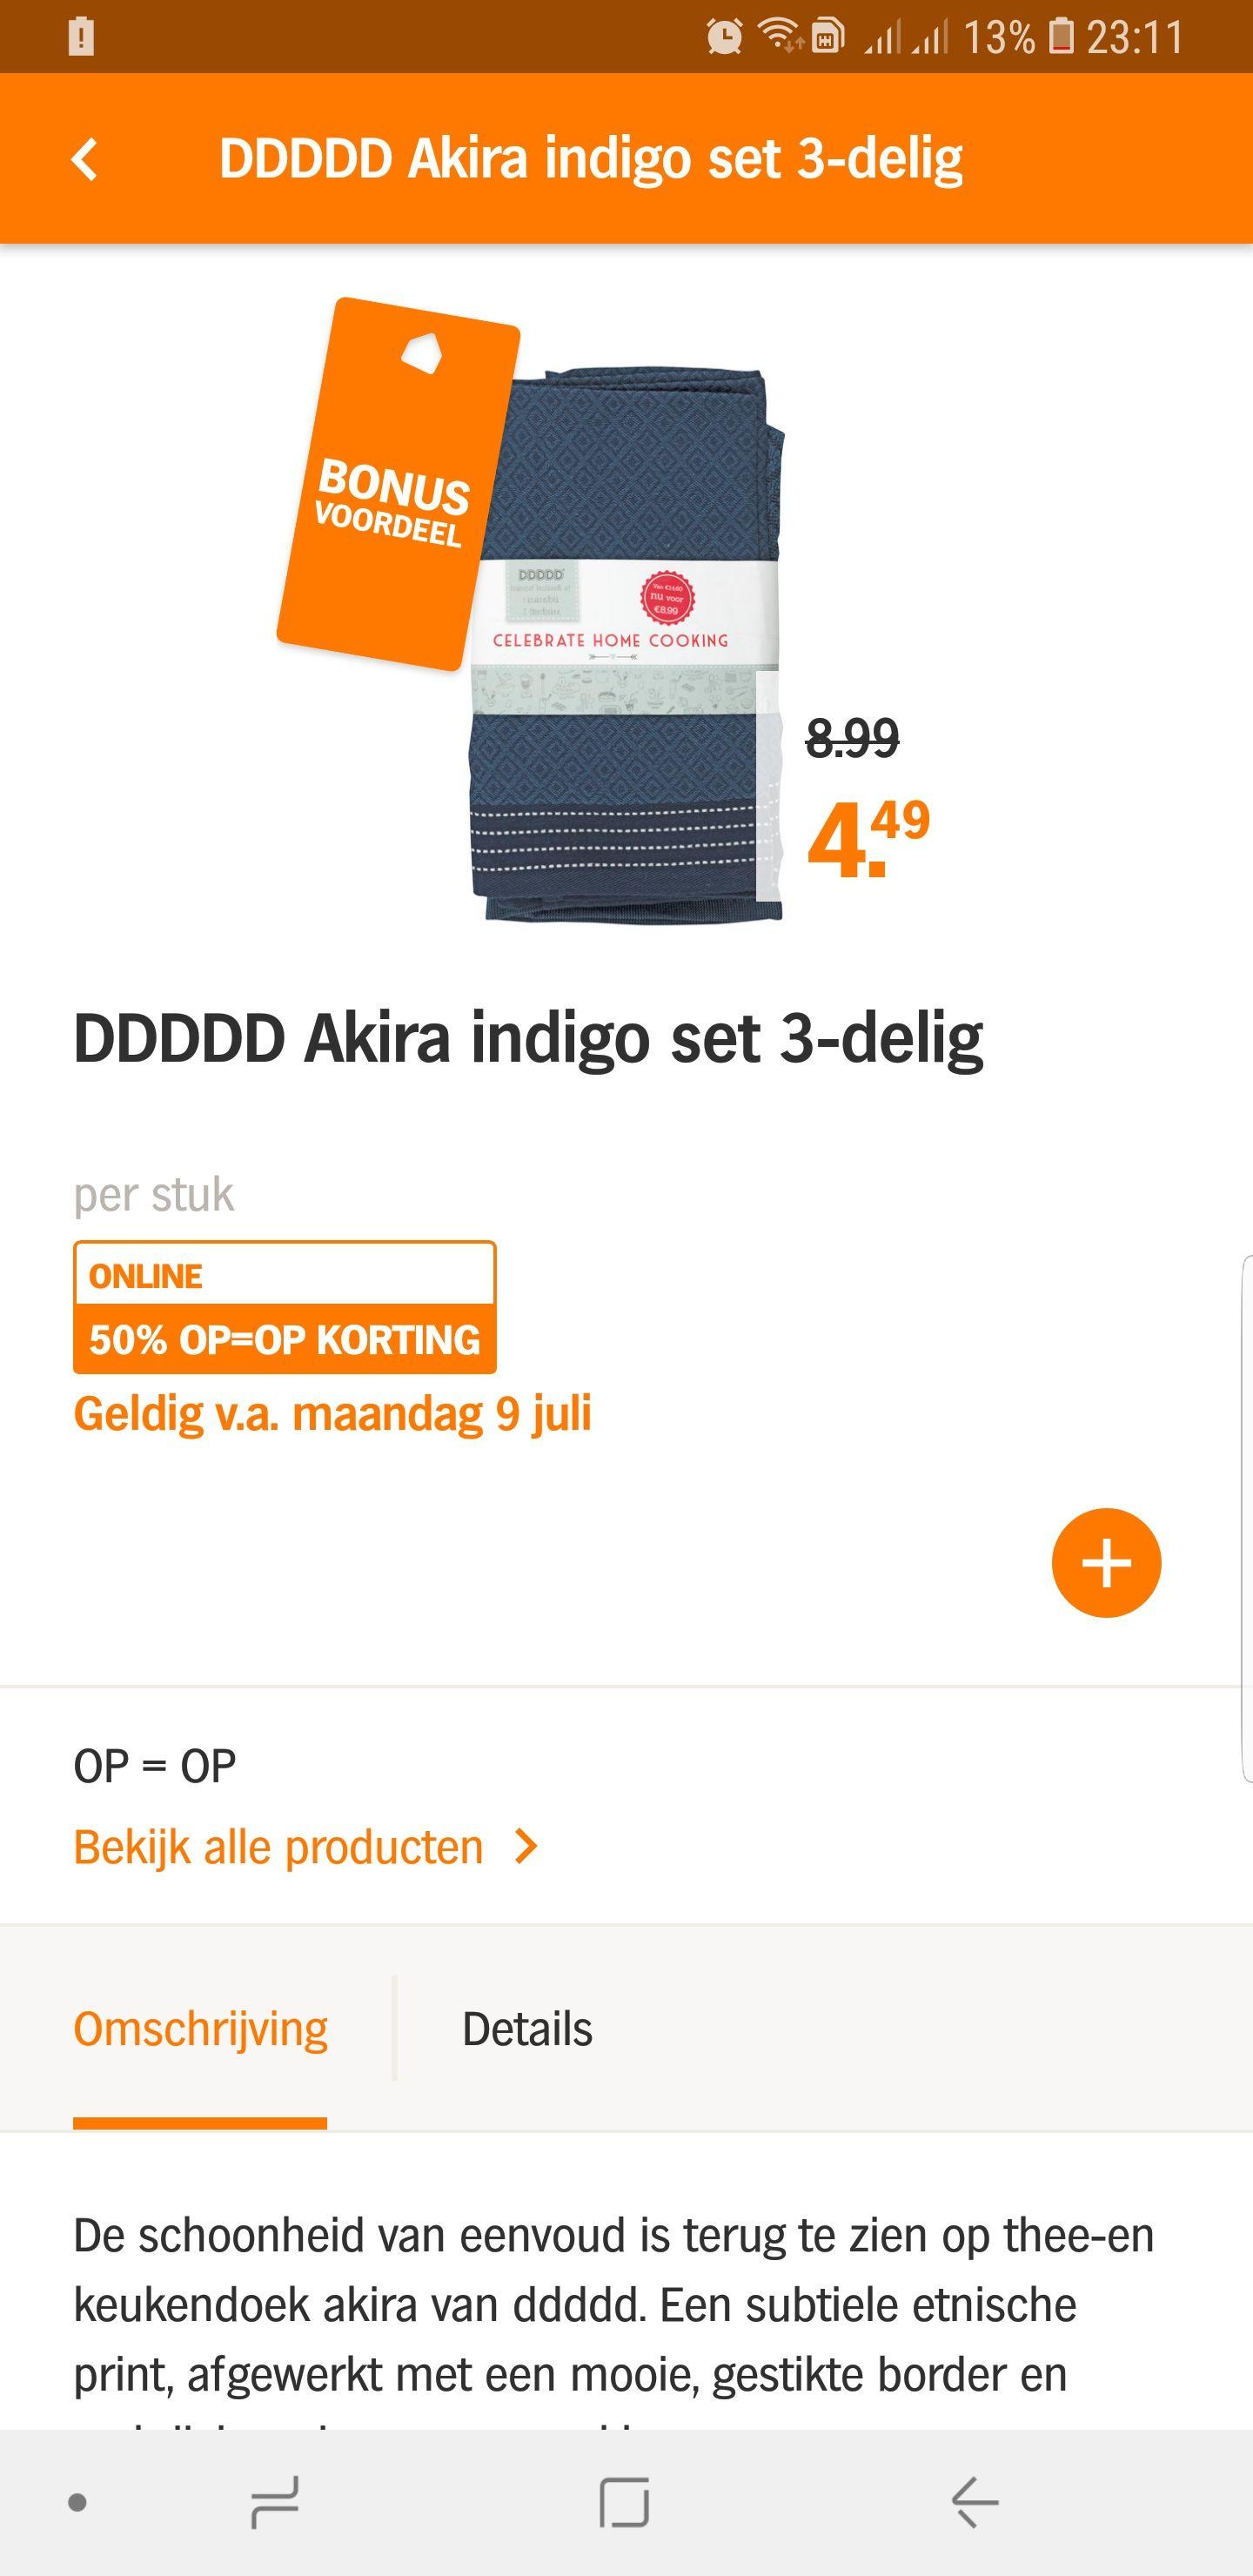 DDDDD 1 handdoek 2 theedoeken verschillende kleuren set 3-delig